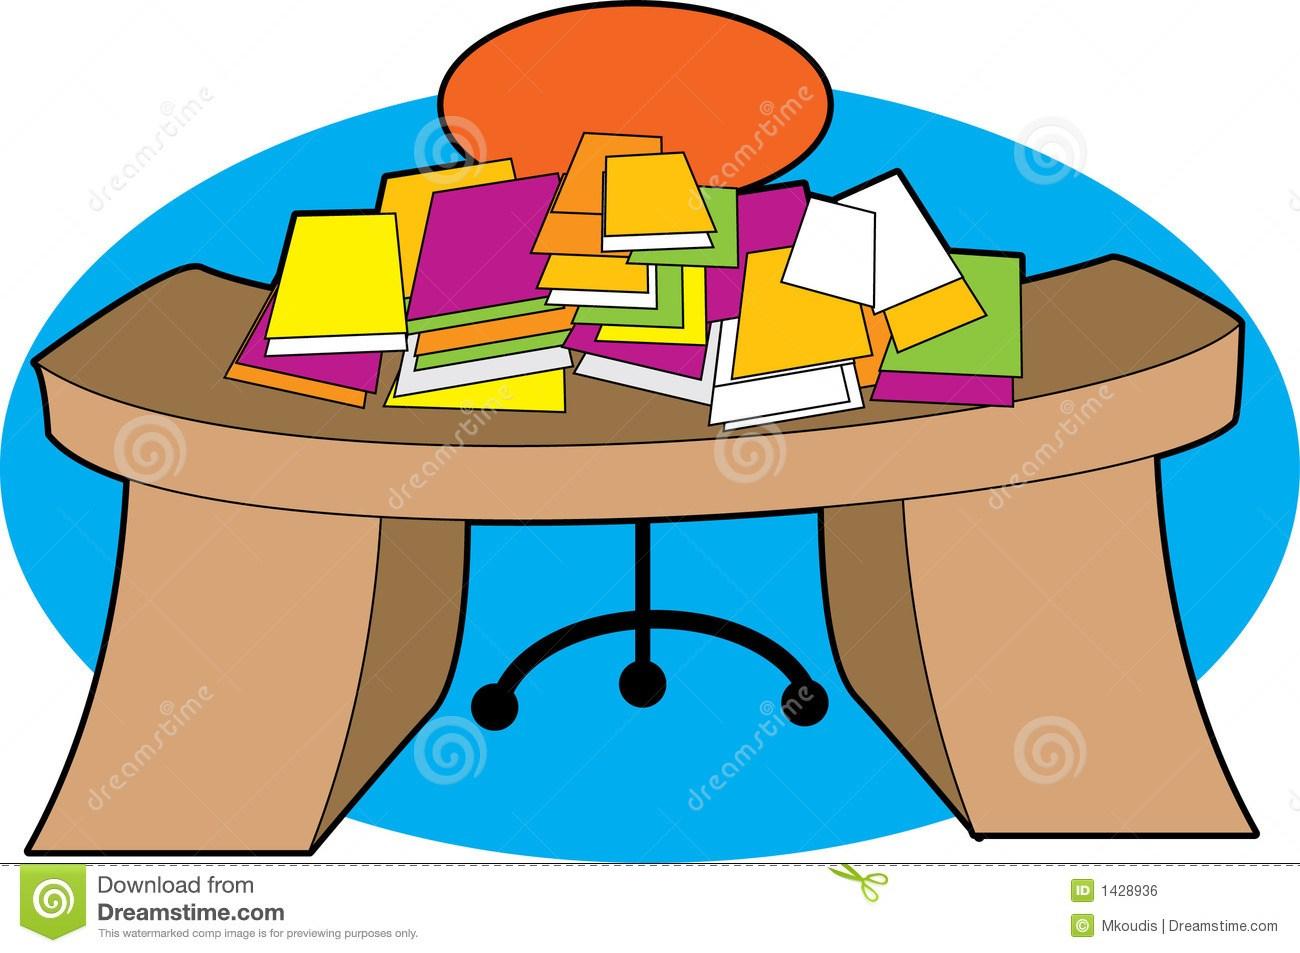 Disorganized person clipart 5 » Clipart Portal.